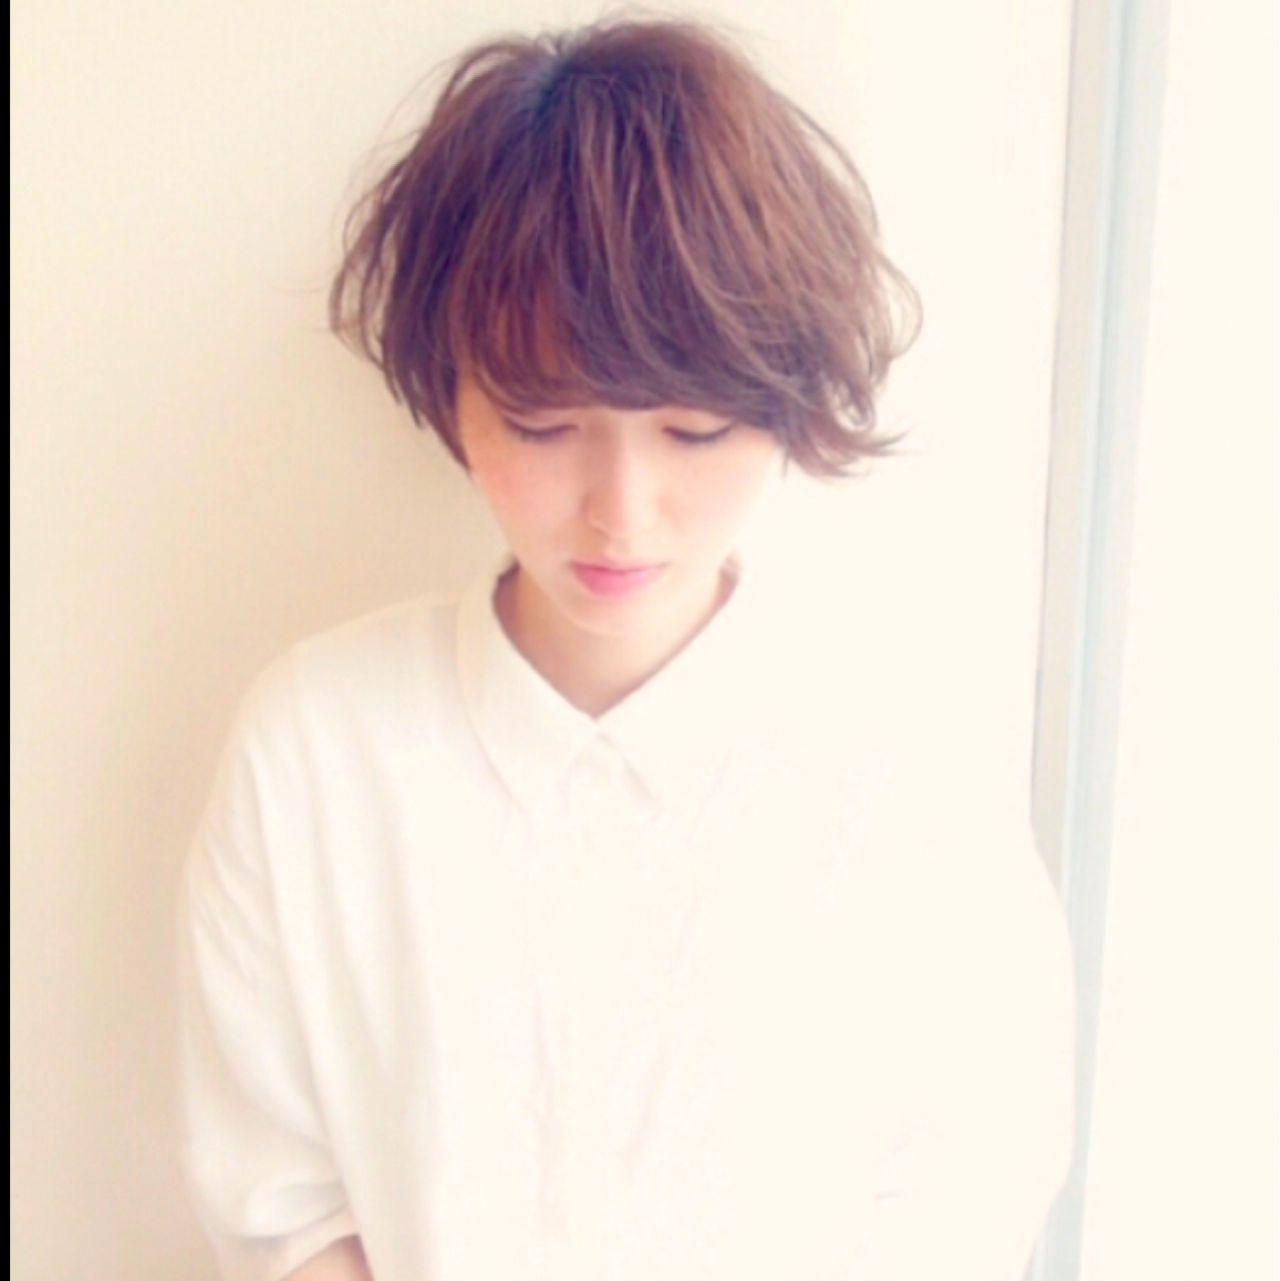 可愛いショートをつくるなら。ショートの巻き髪と巻き方のコツ  Kaneko Mayumi